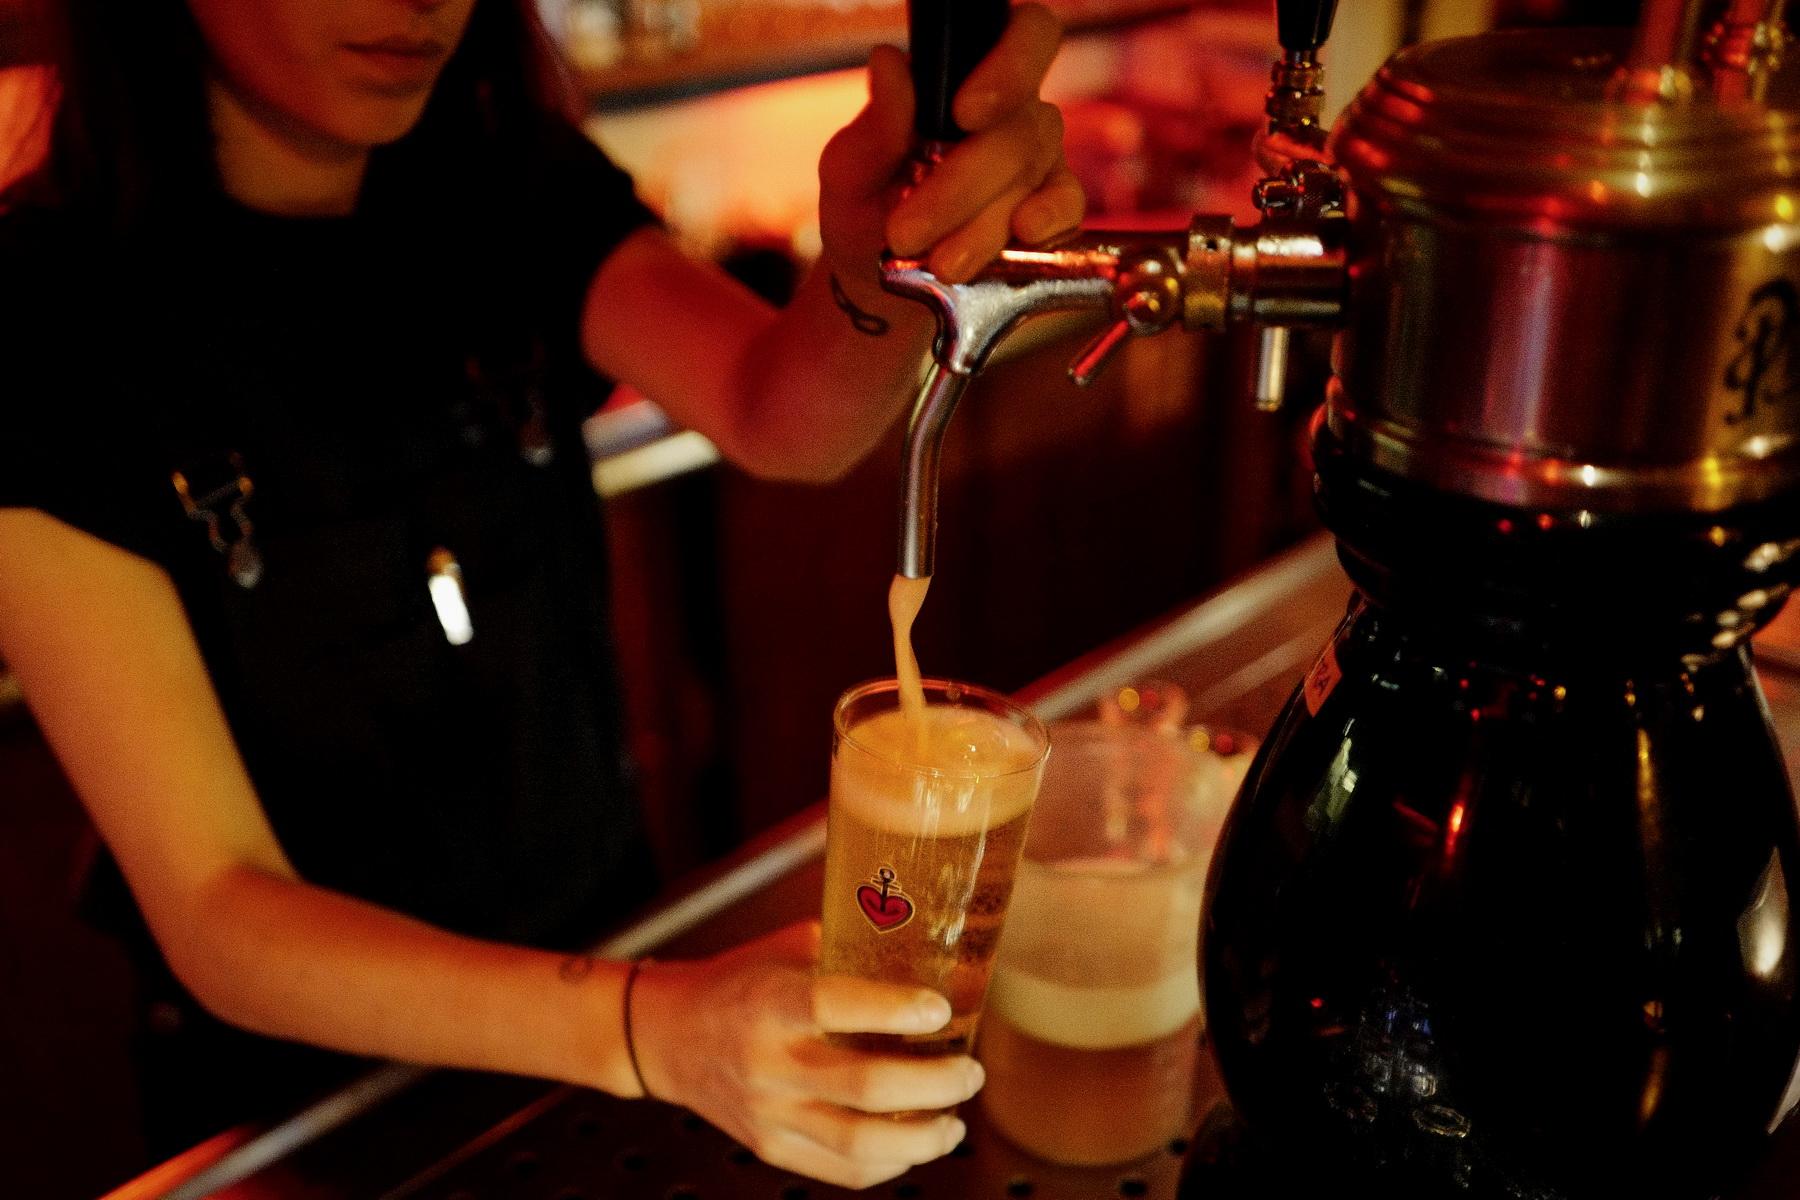 Geheimtipp Hamburg Essen & Trinken Bar Familieneck Ottensen Lisa Knauer 12